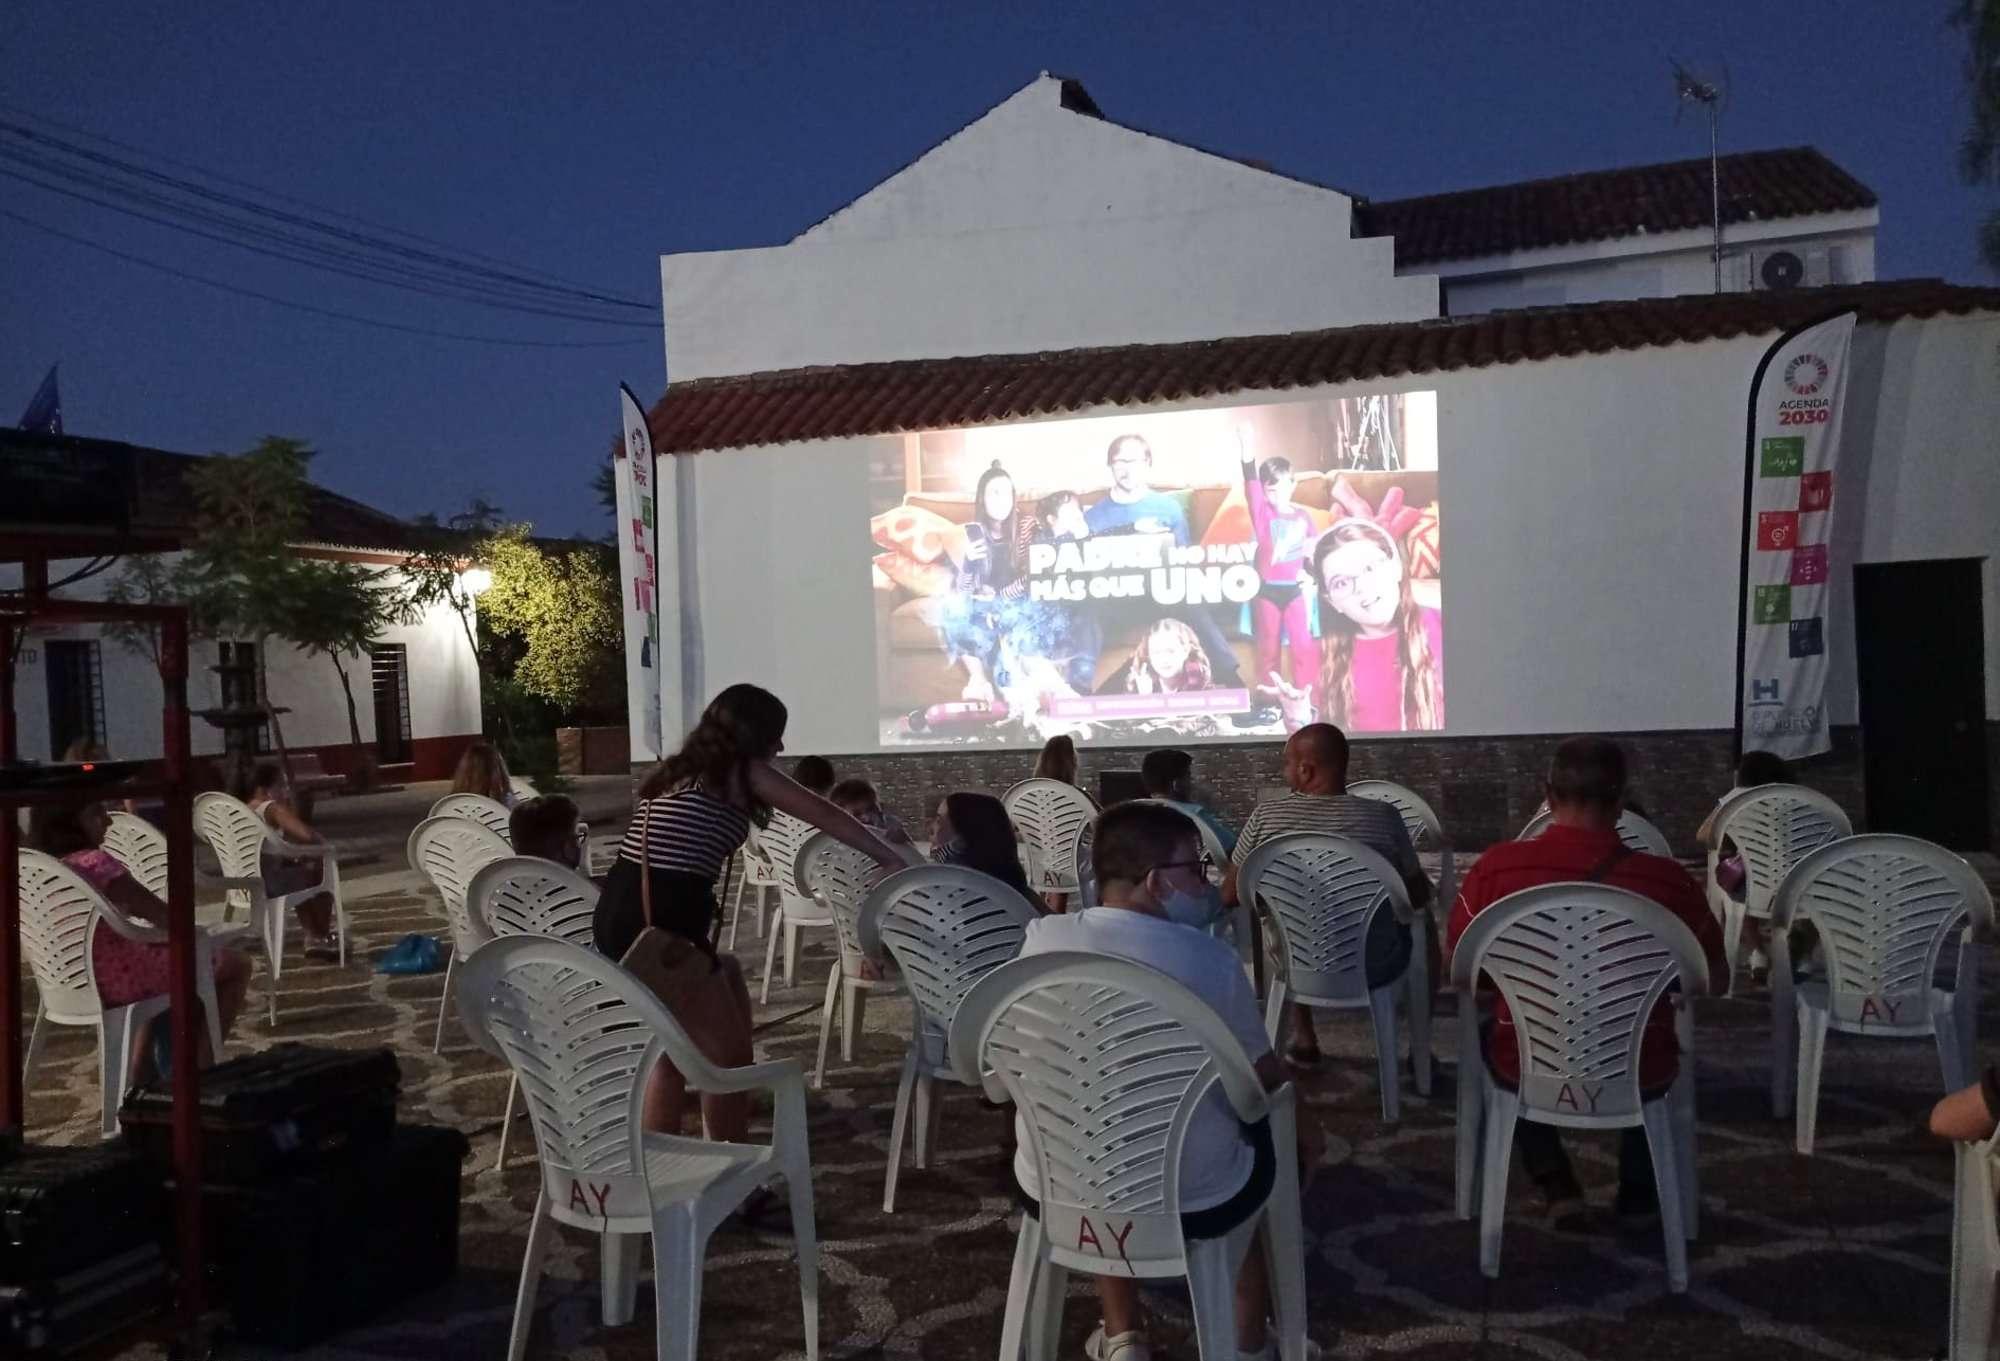 Diputación finaliza en septiembre la campaña Cine en el Pueblo, en la que participan 46 municipios